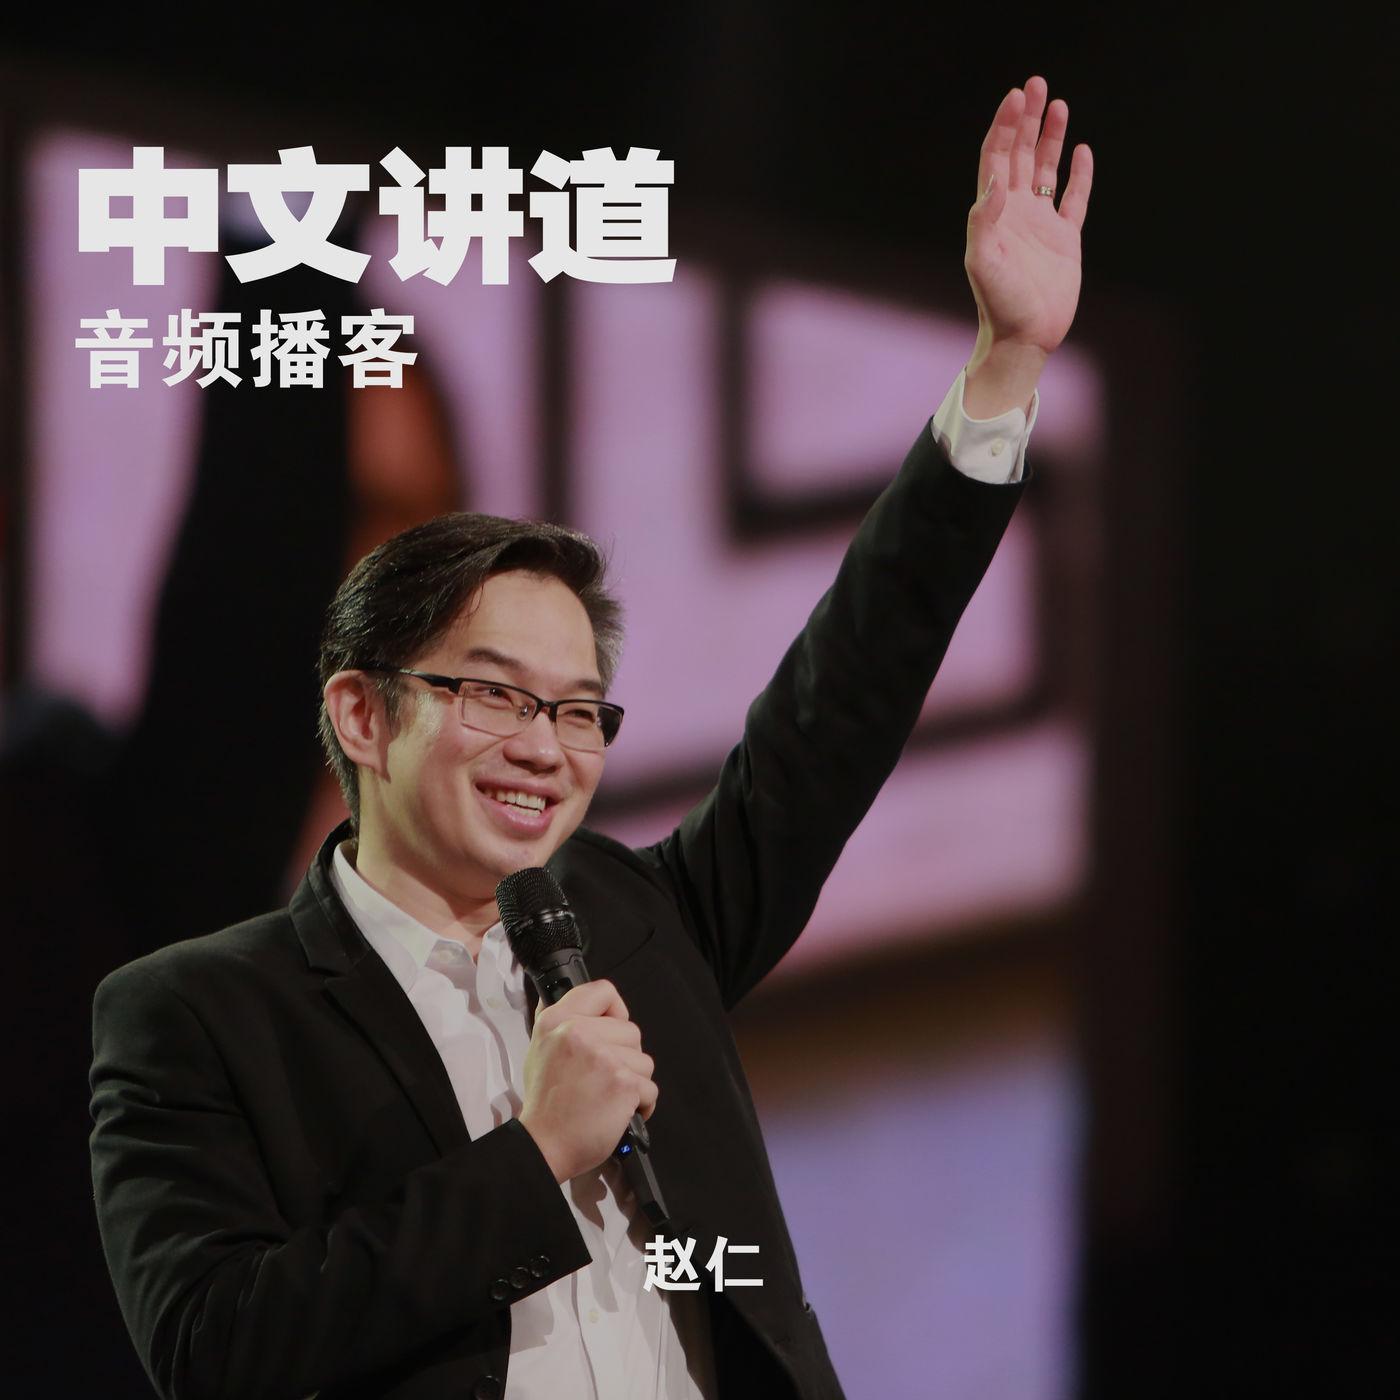 赵仁:神是帮助我们的